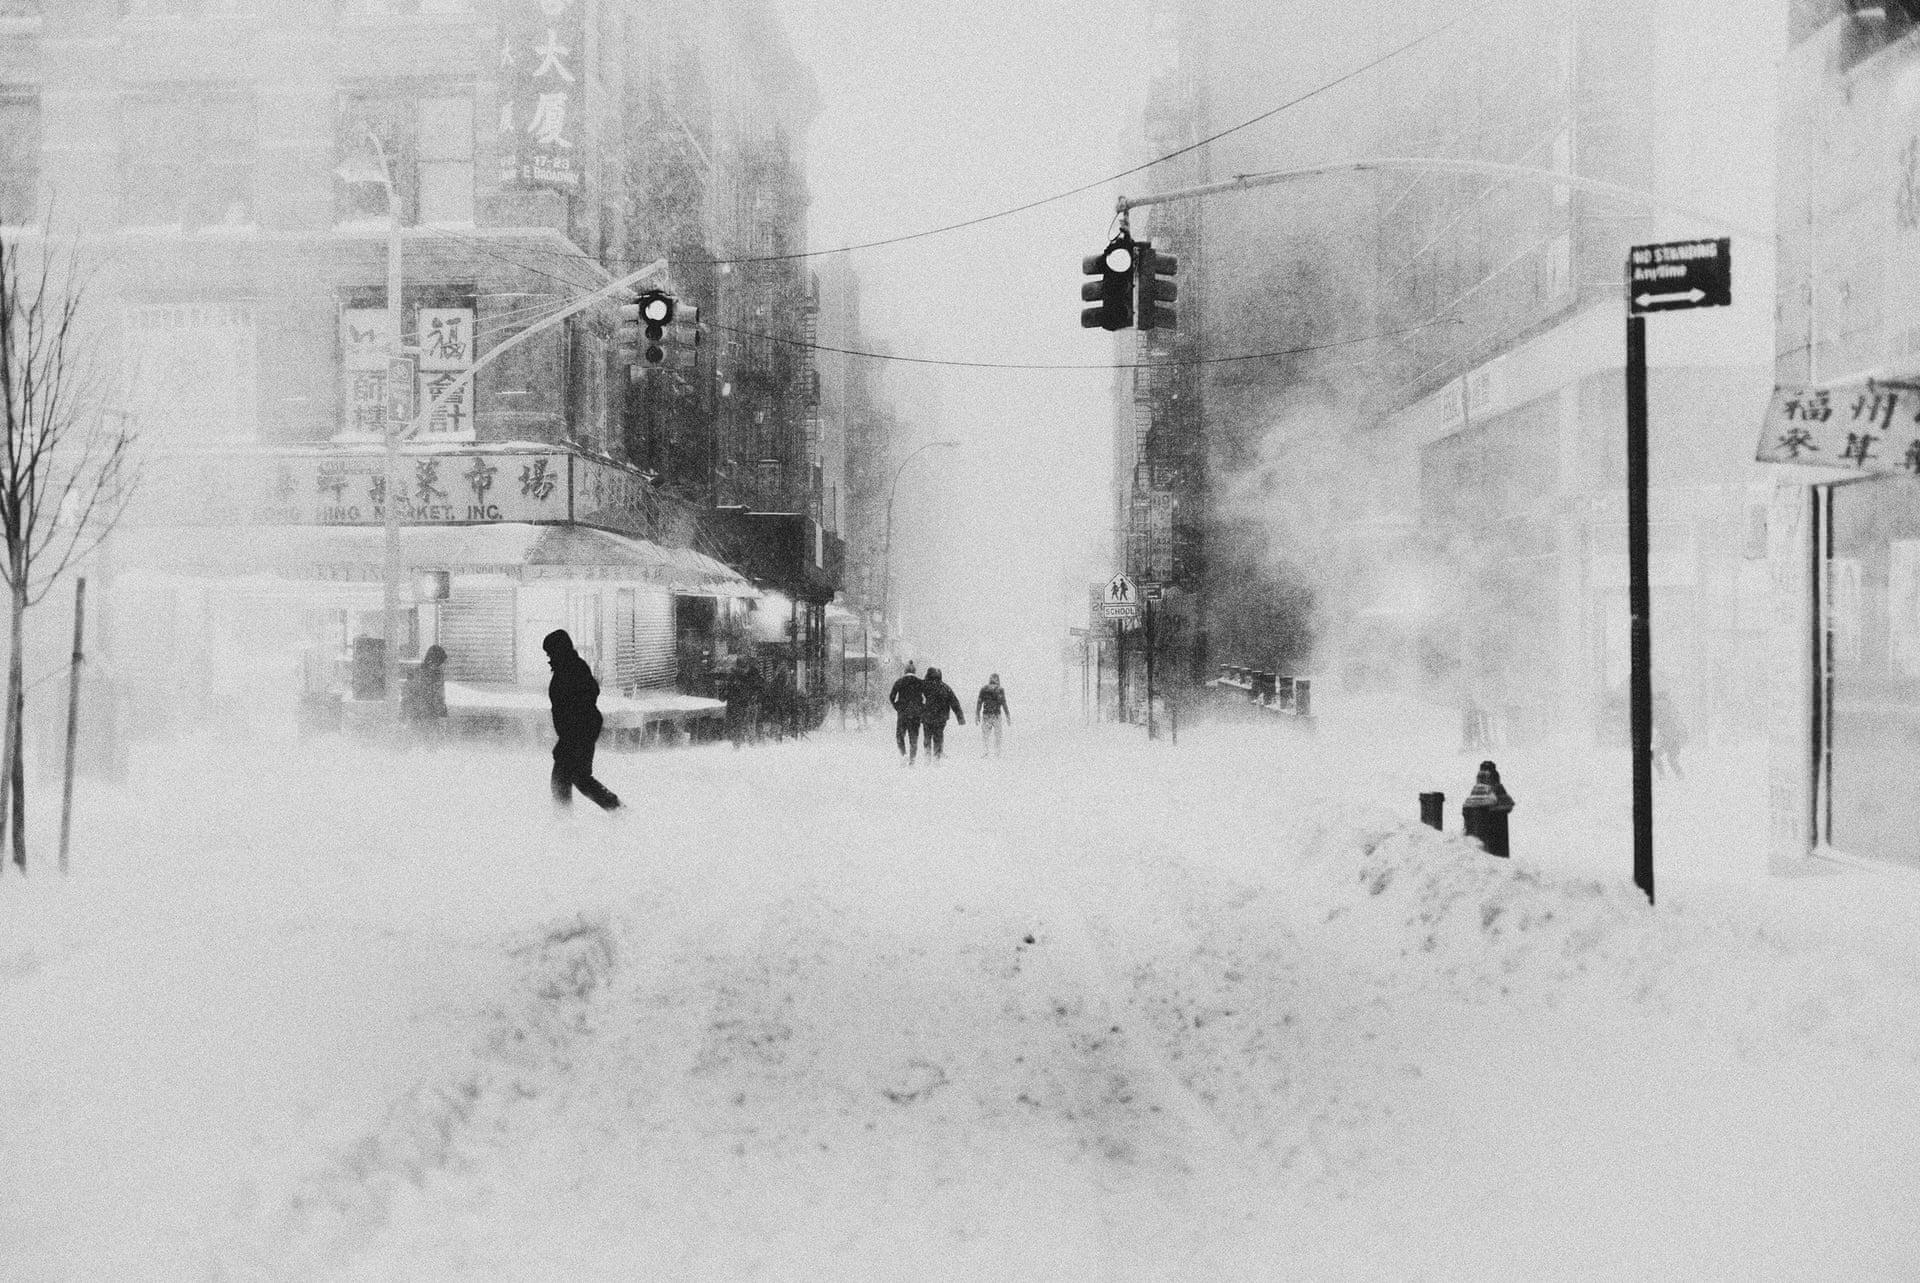 Black & white fotografia di Bastiaan Woudt Le strade di New York City in una bufera di neve